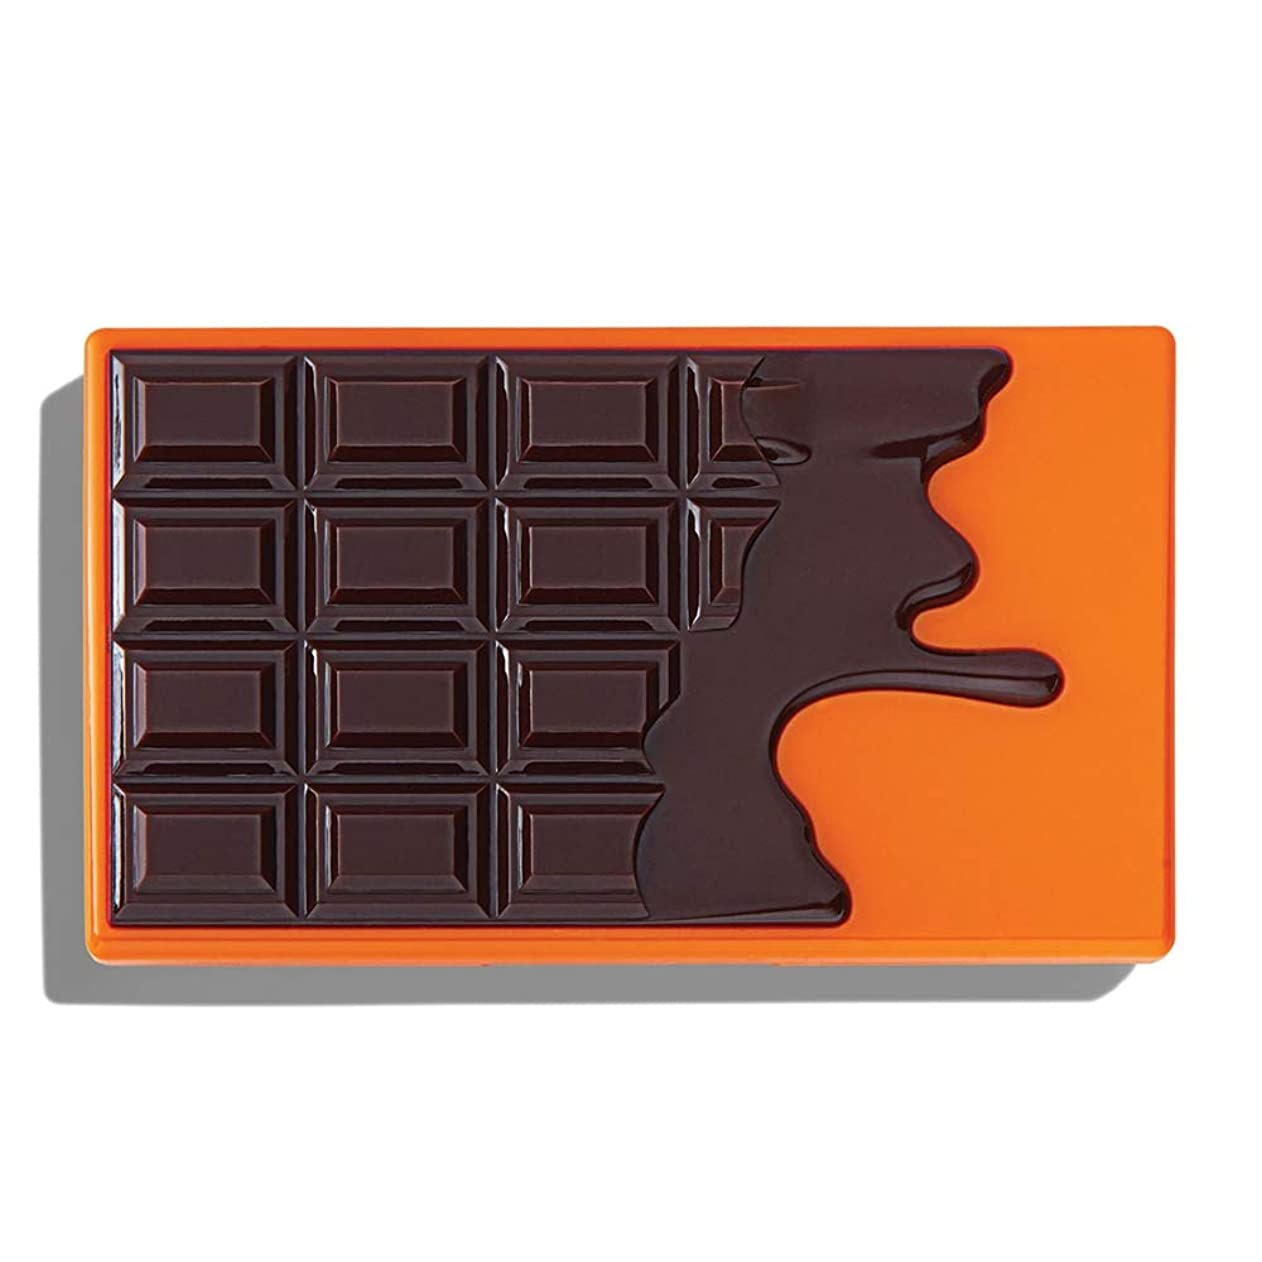 混雑サスペンド揃えるアイラブレボリューション ミニチョコレート チョコオレンジ